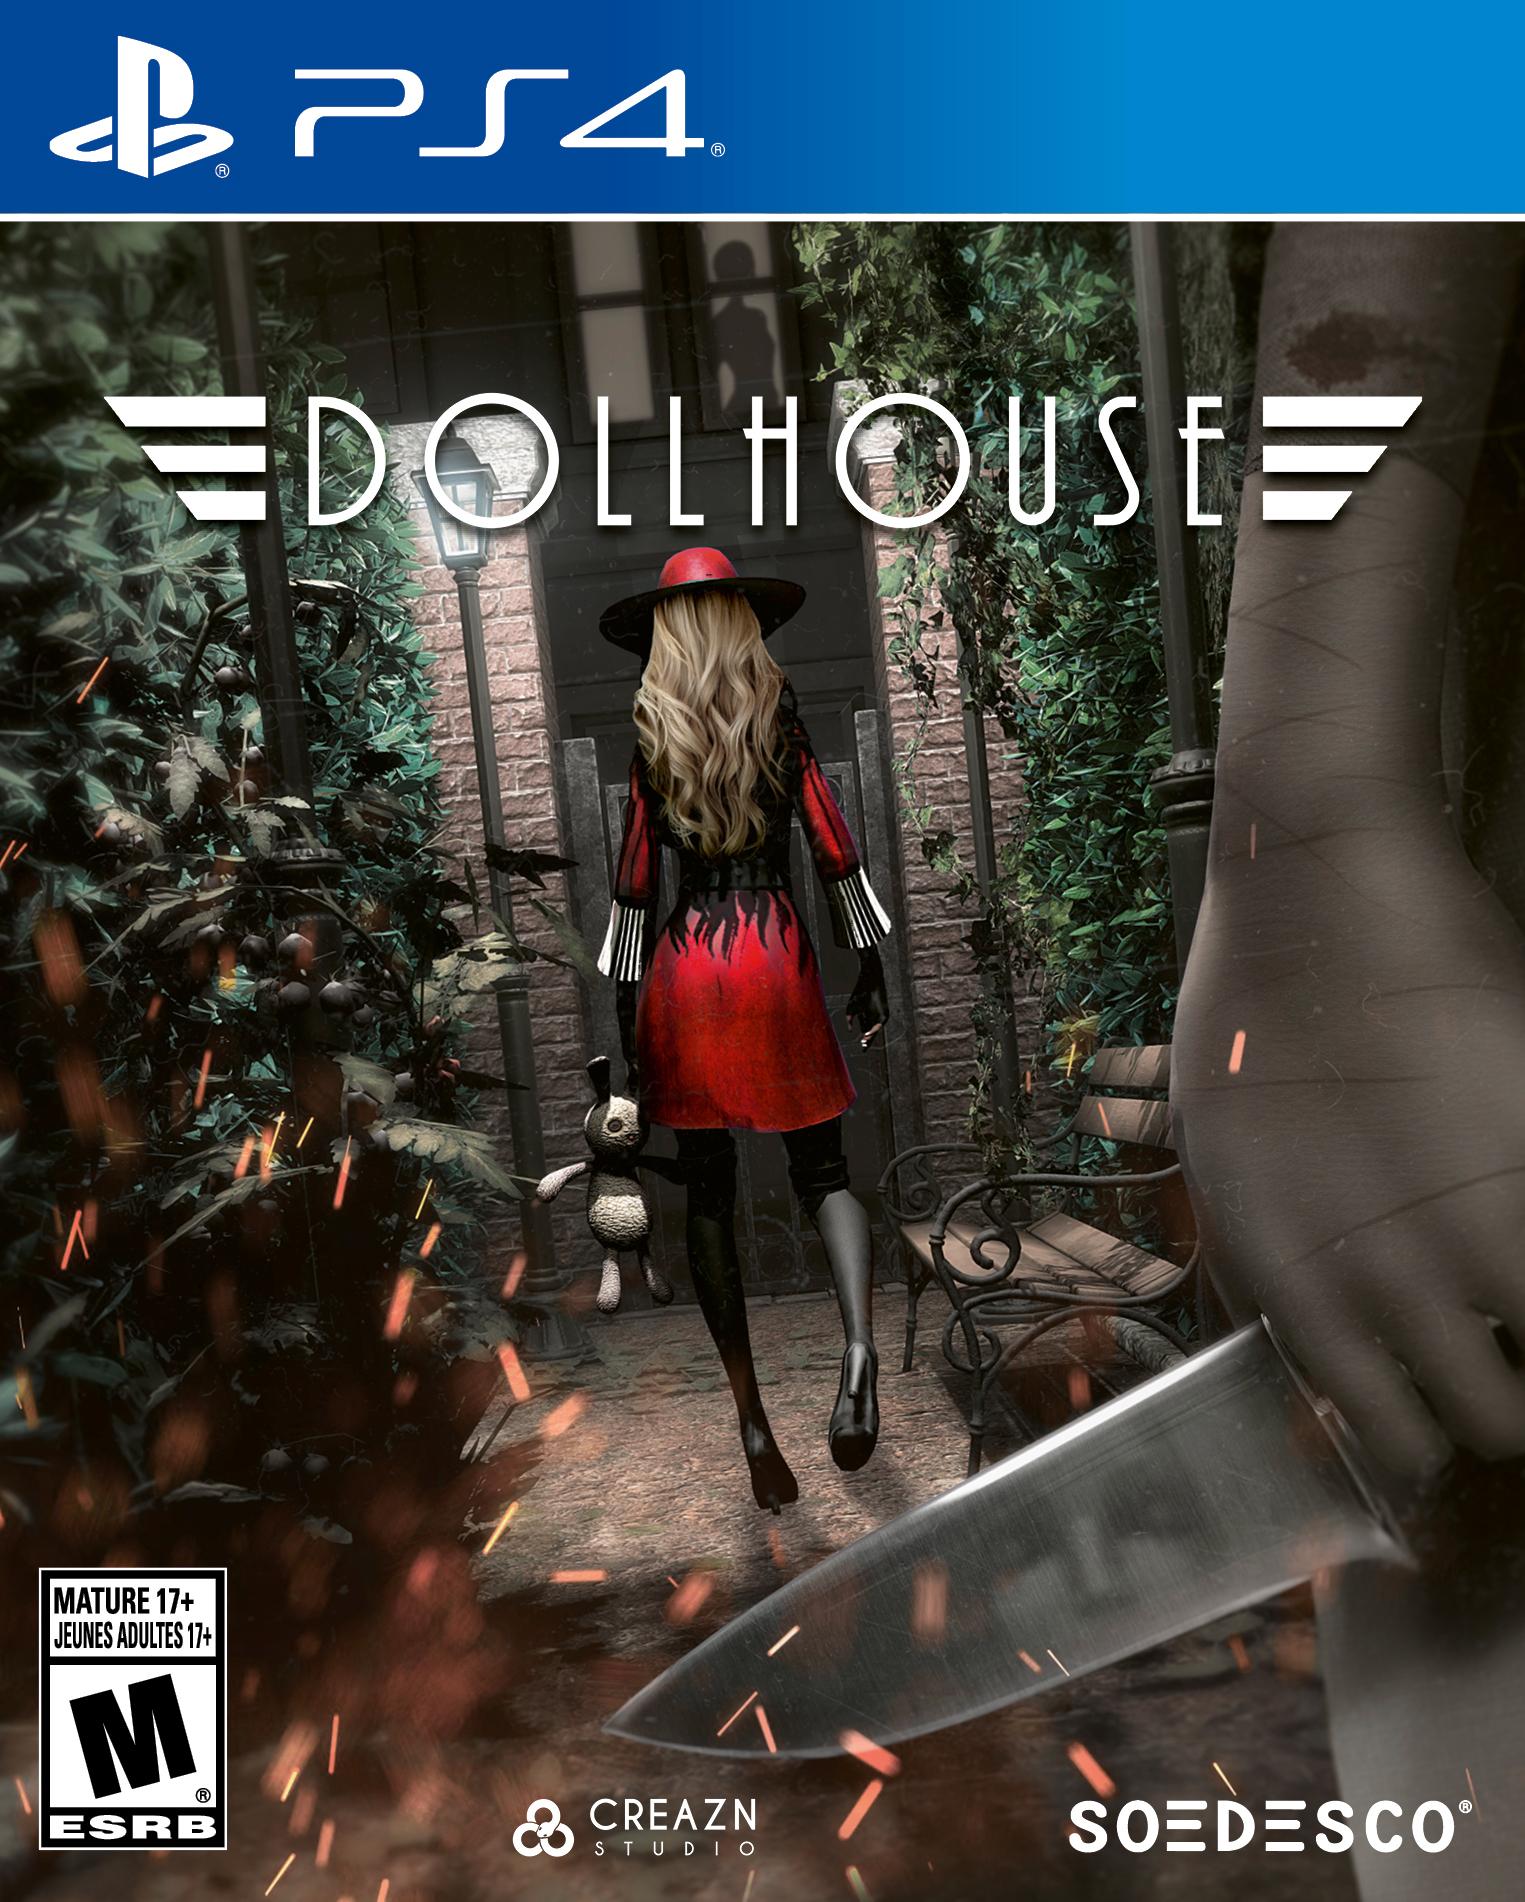 Dollhouse Boxart